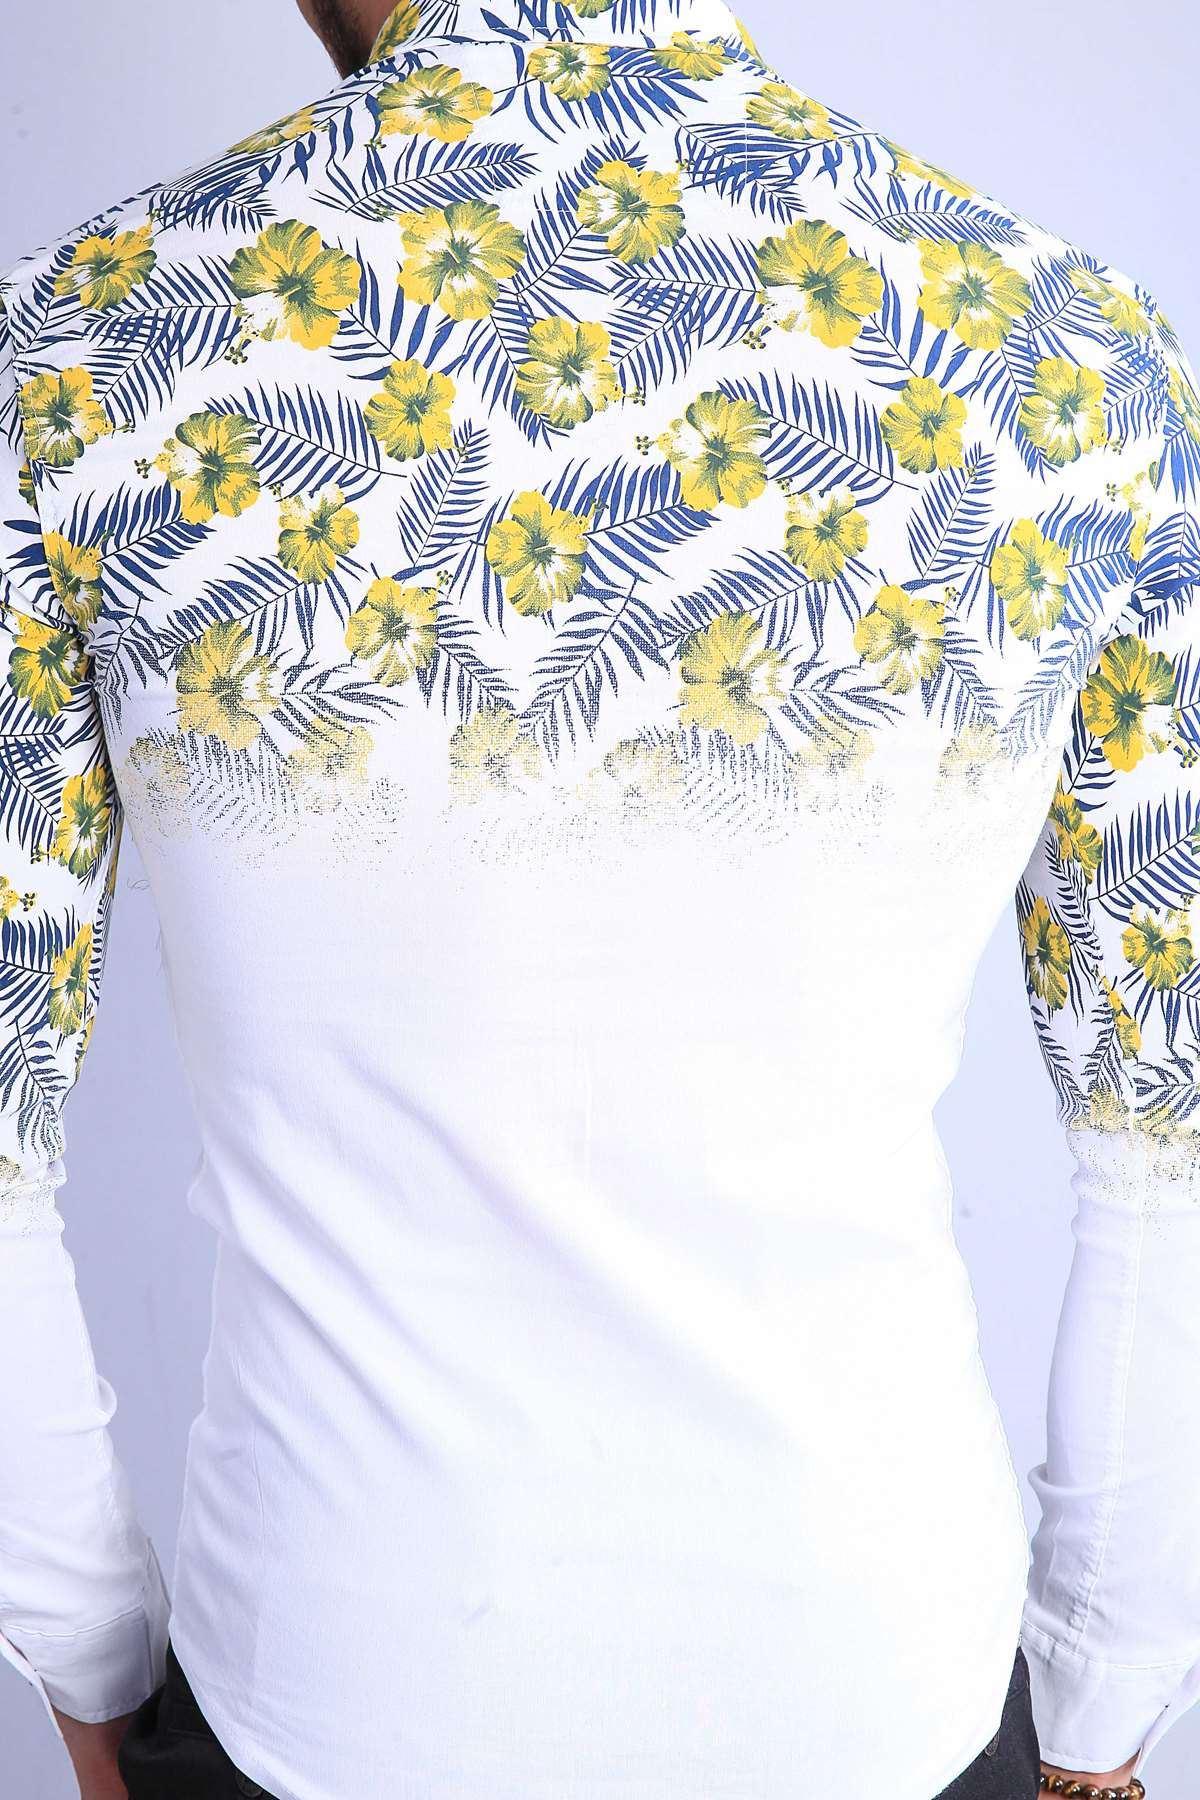 Üstü 5 Yaprak Çiçek Desenli Slim Fit Gömlek Beyaz-Sarı